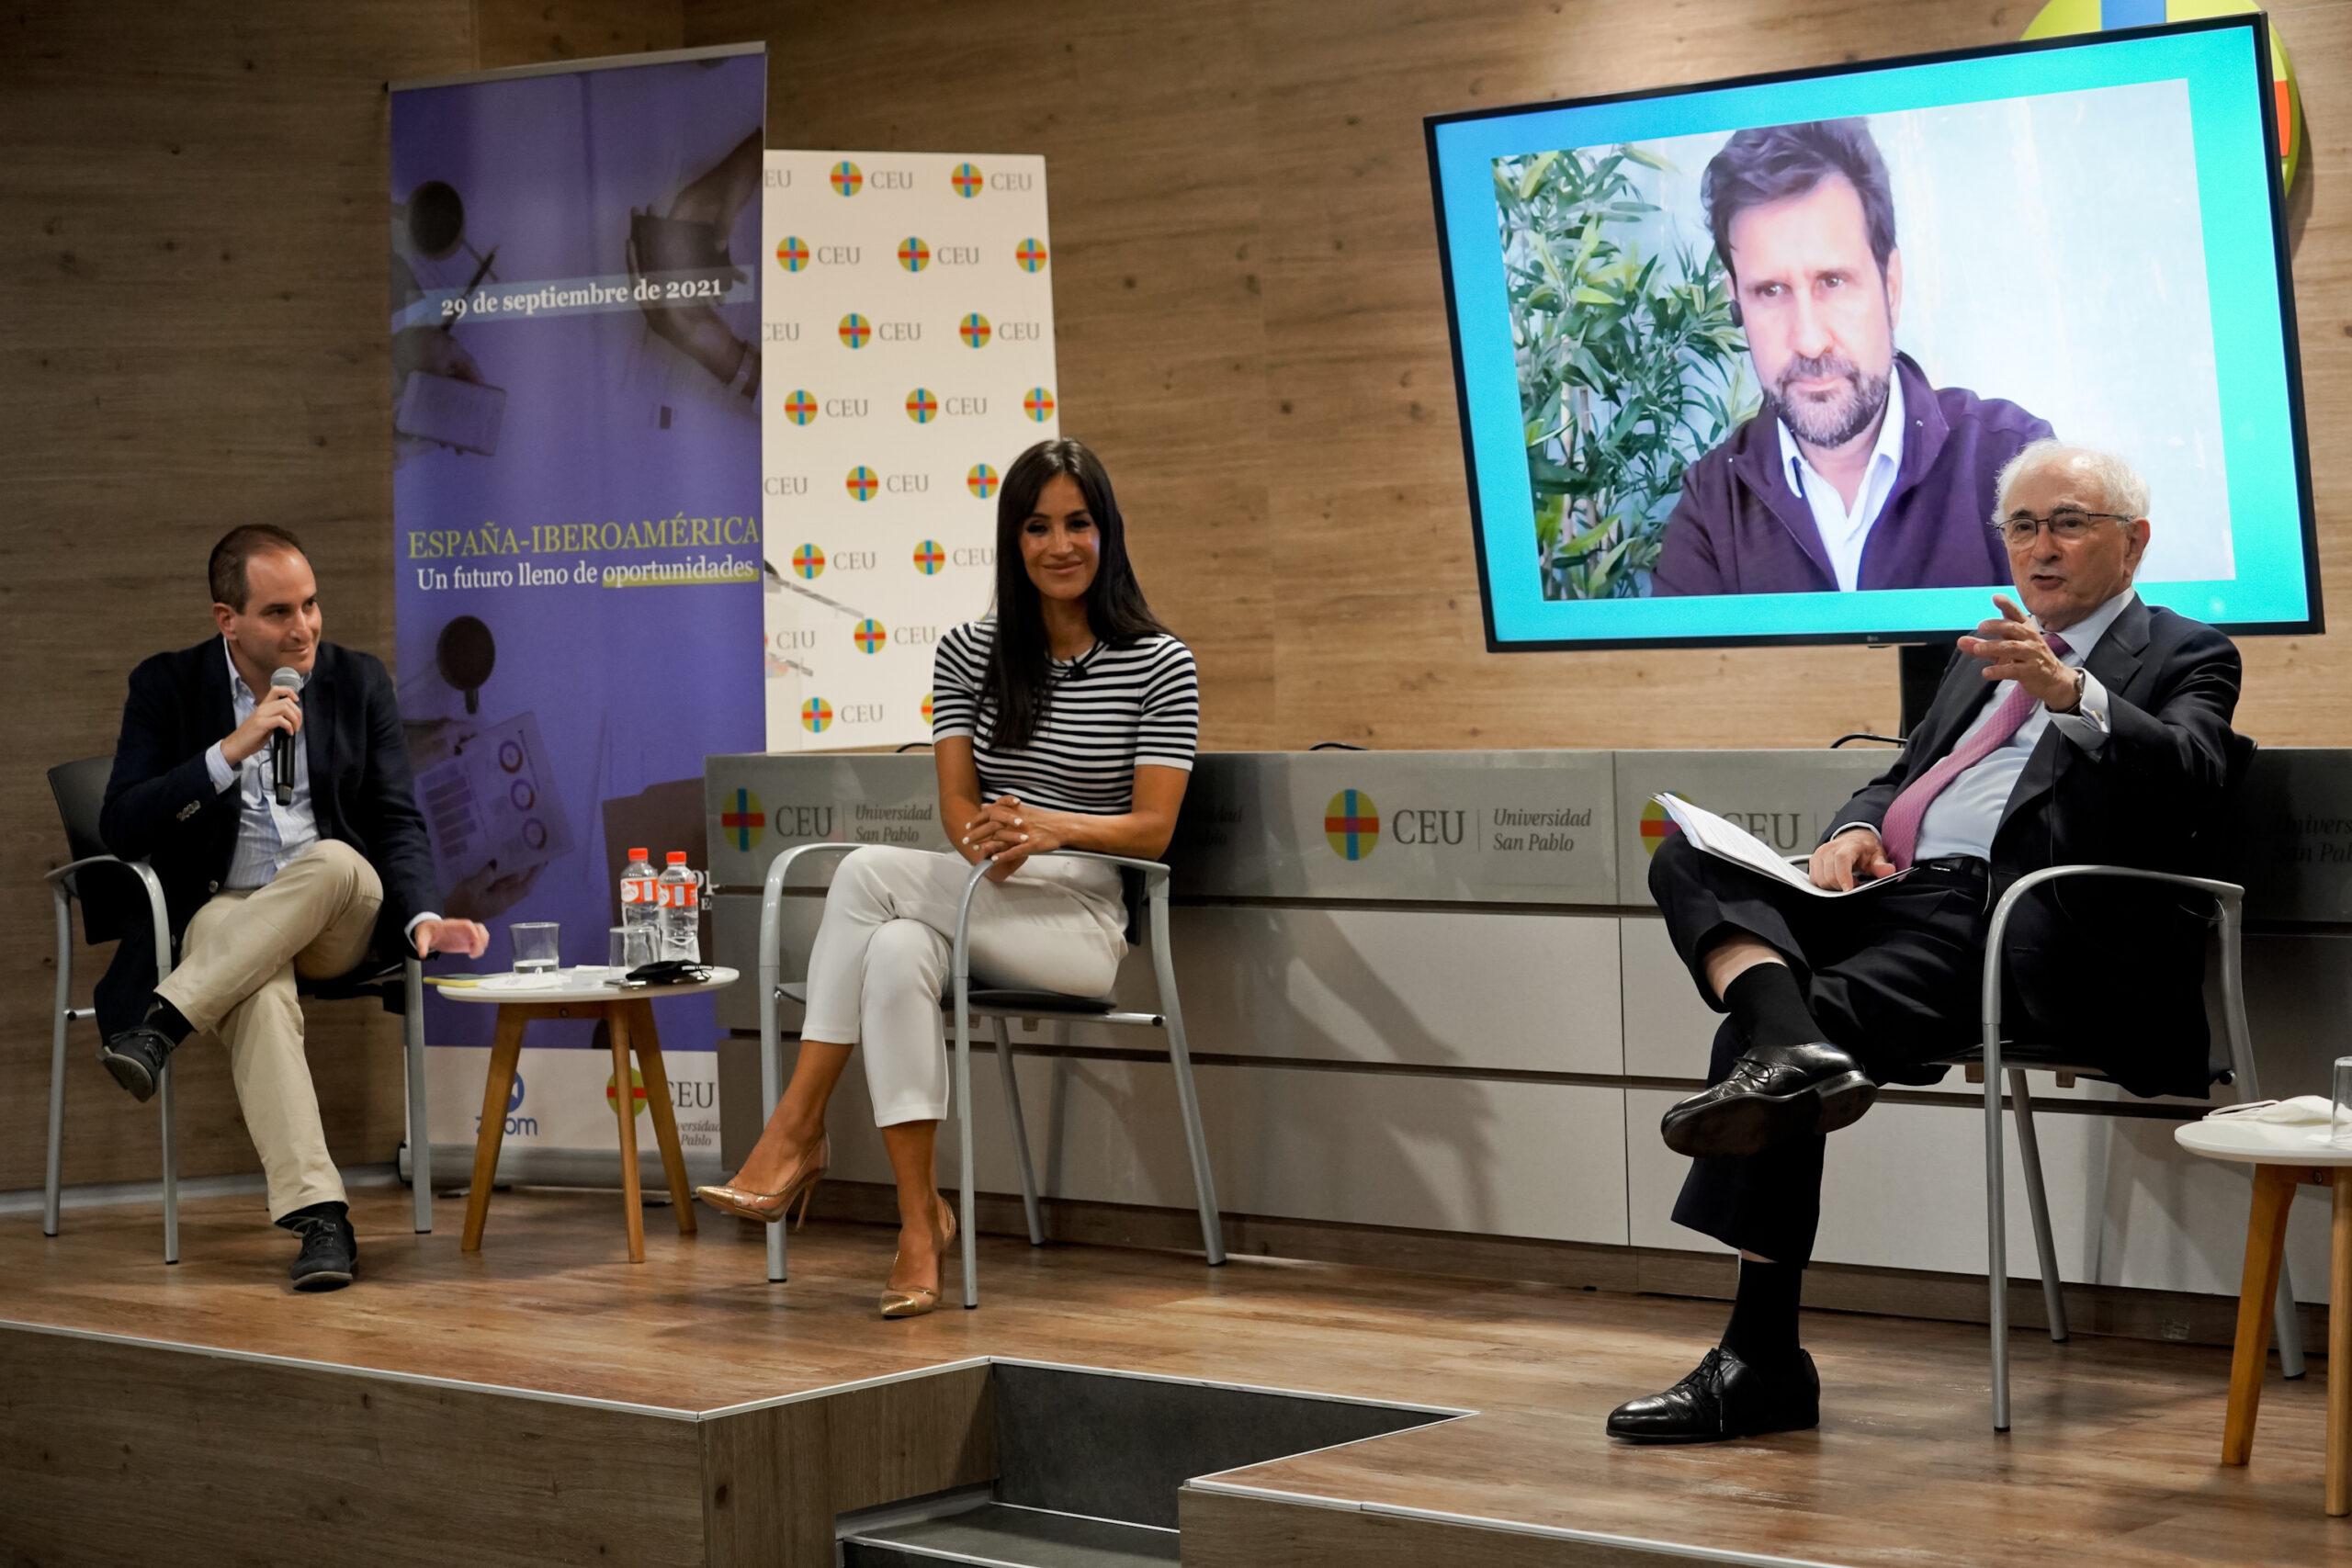 «España-Iberoamérica. Un futuro de posibilidades»